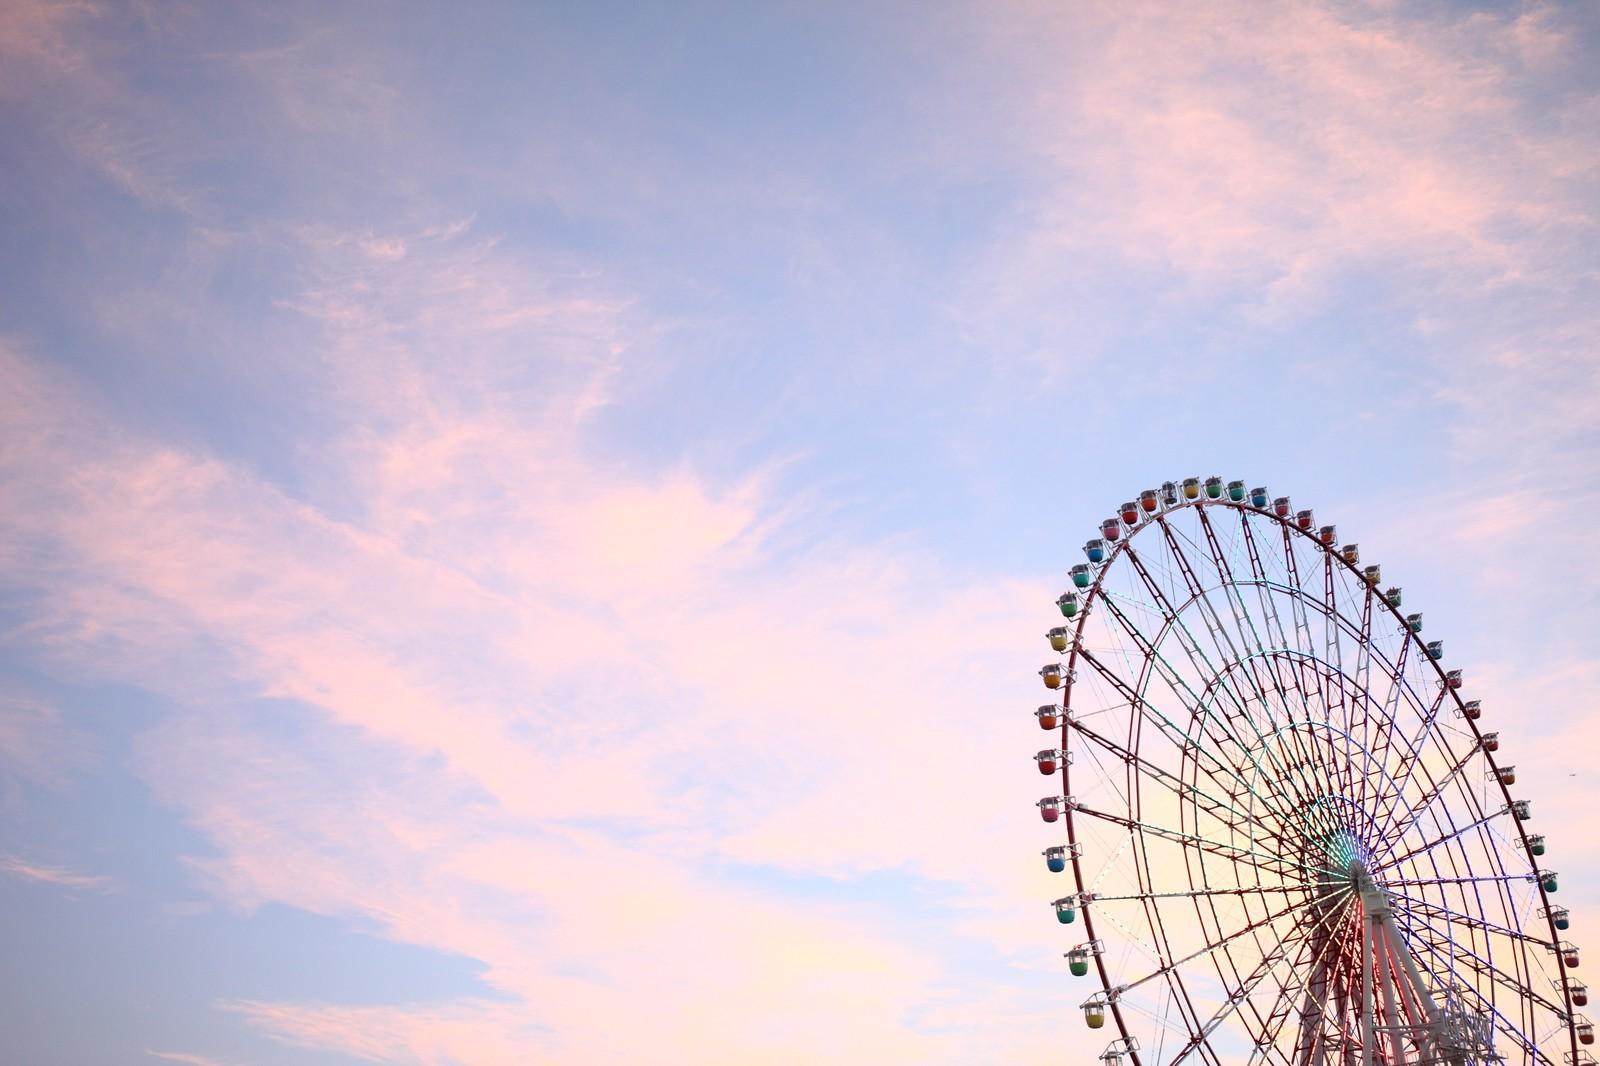 関東のおすすめ遊園地やテーマパークをご紹介!お出かけにピッタリ!